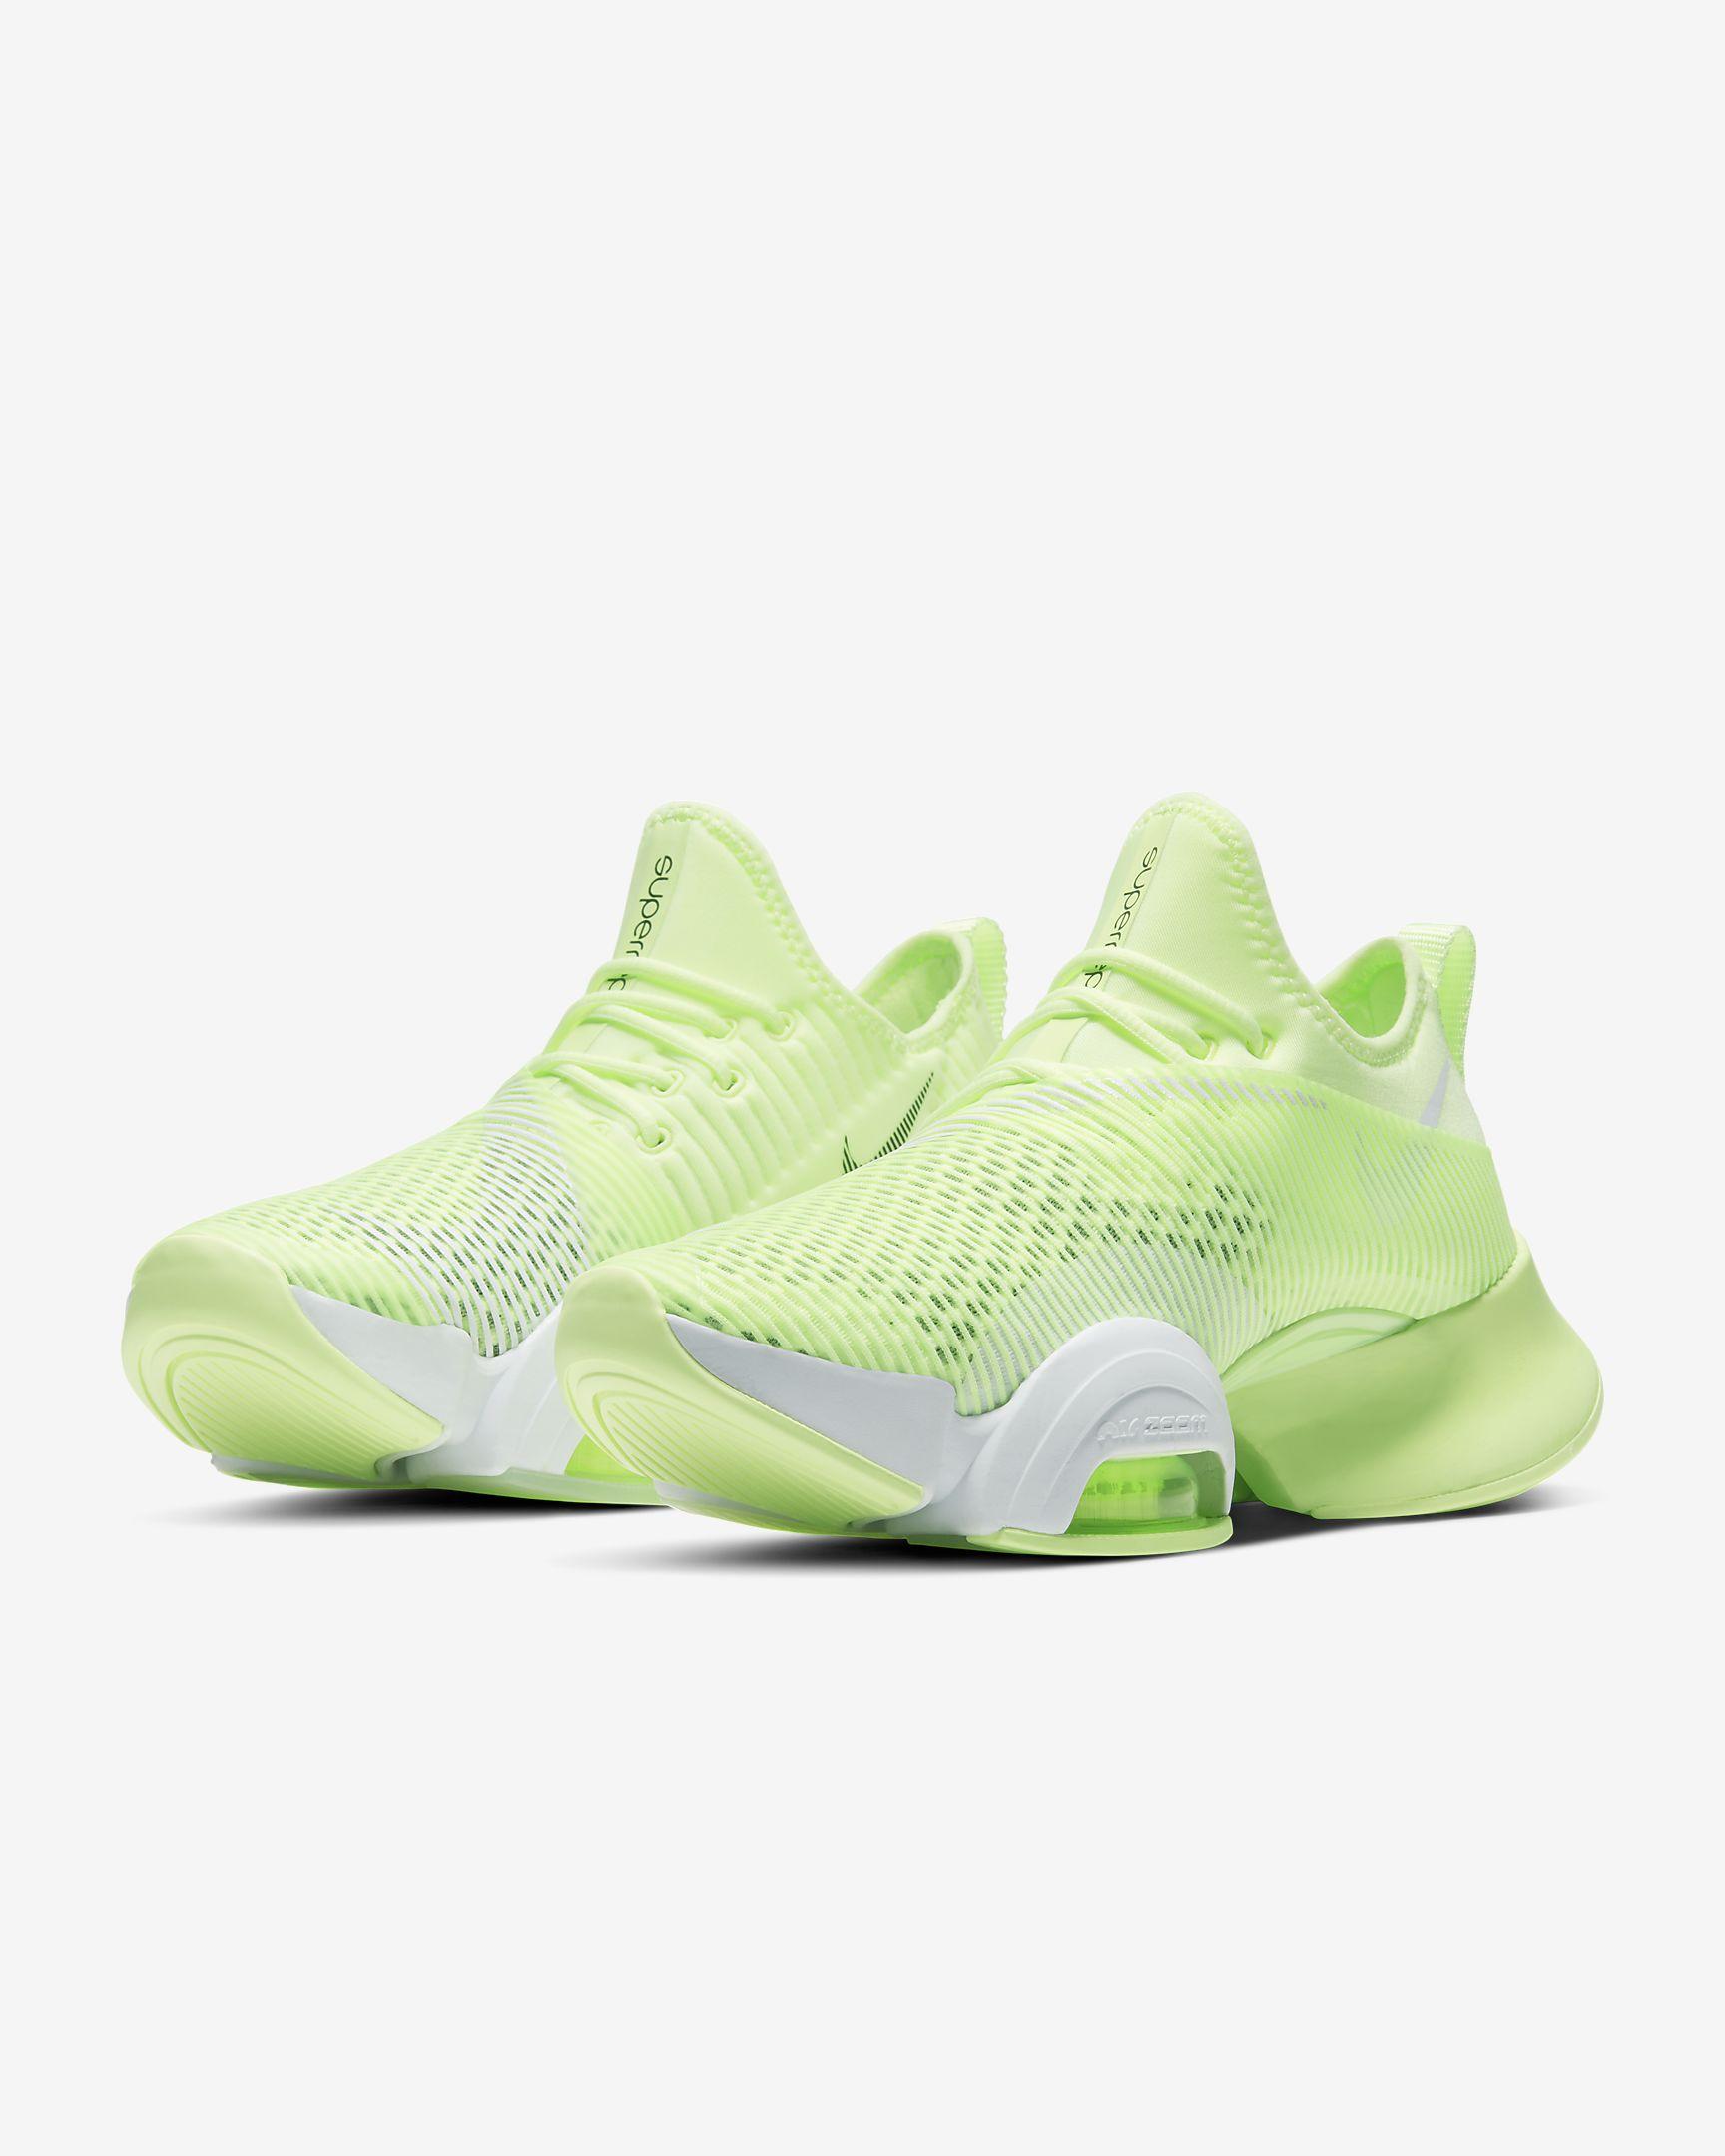 Las zapatillas Nike Air Zoom SuperRep se han diseñado especialmente para circuitos de entrenamiento, HIIT, carreras cortas y otra serie de ejercicios de ritmo rápido.